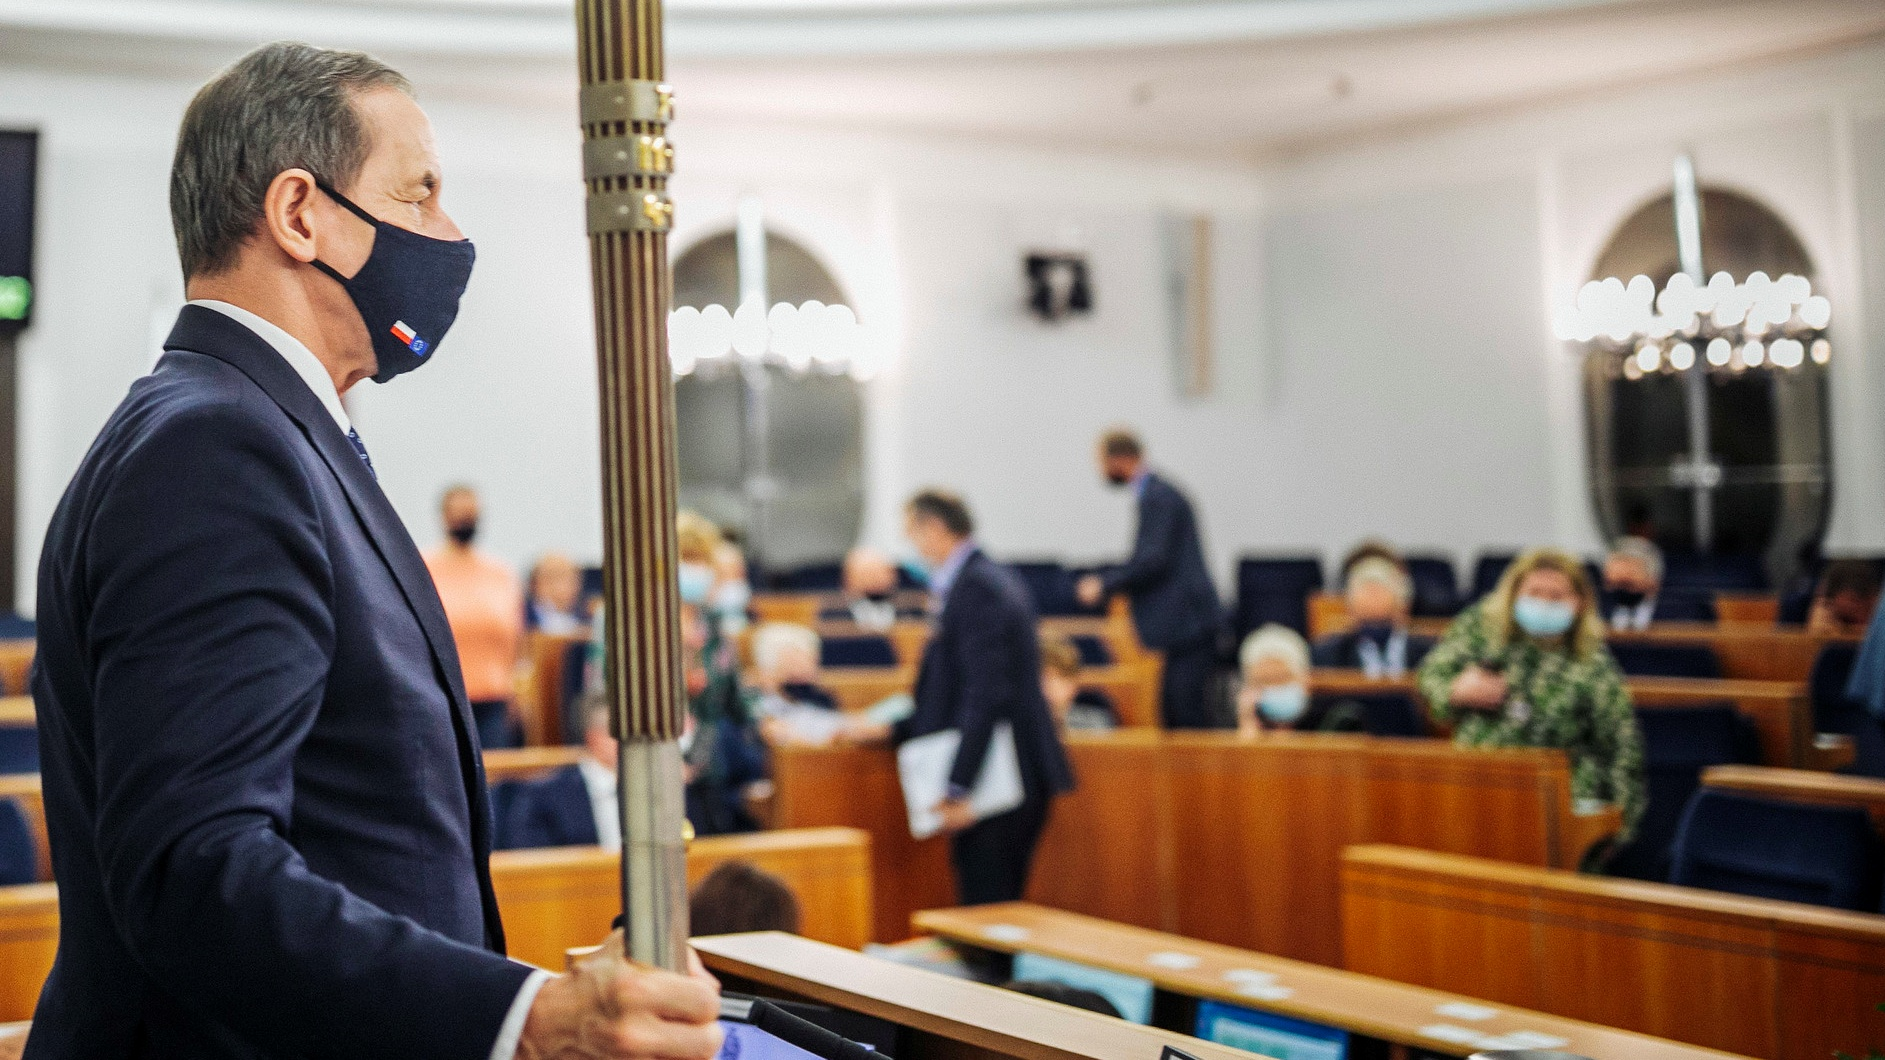 Grodzki: Lex TVN w Senacie 9 lub 10 września. Senatorowie otrzymają analizę prawną